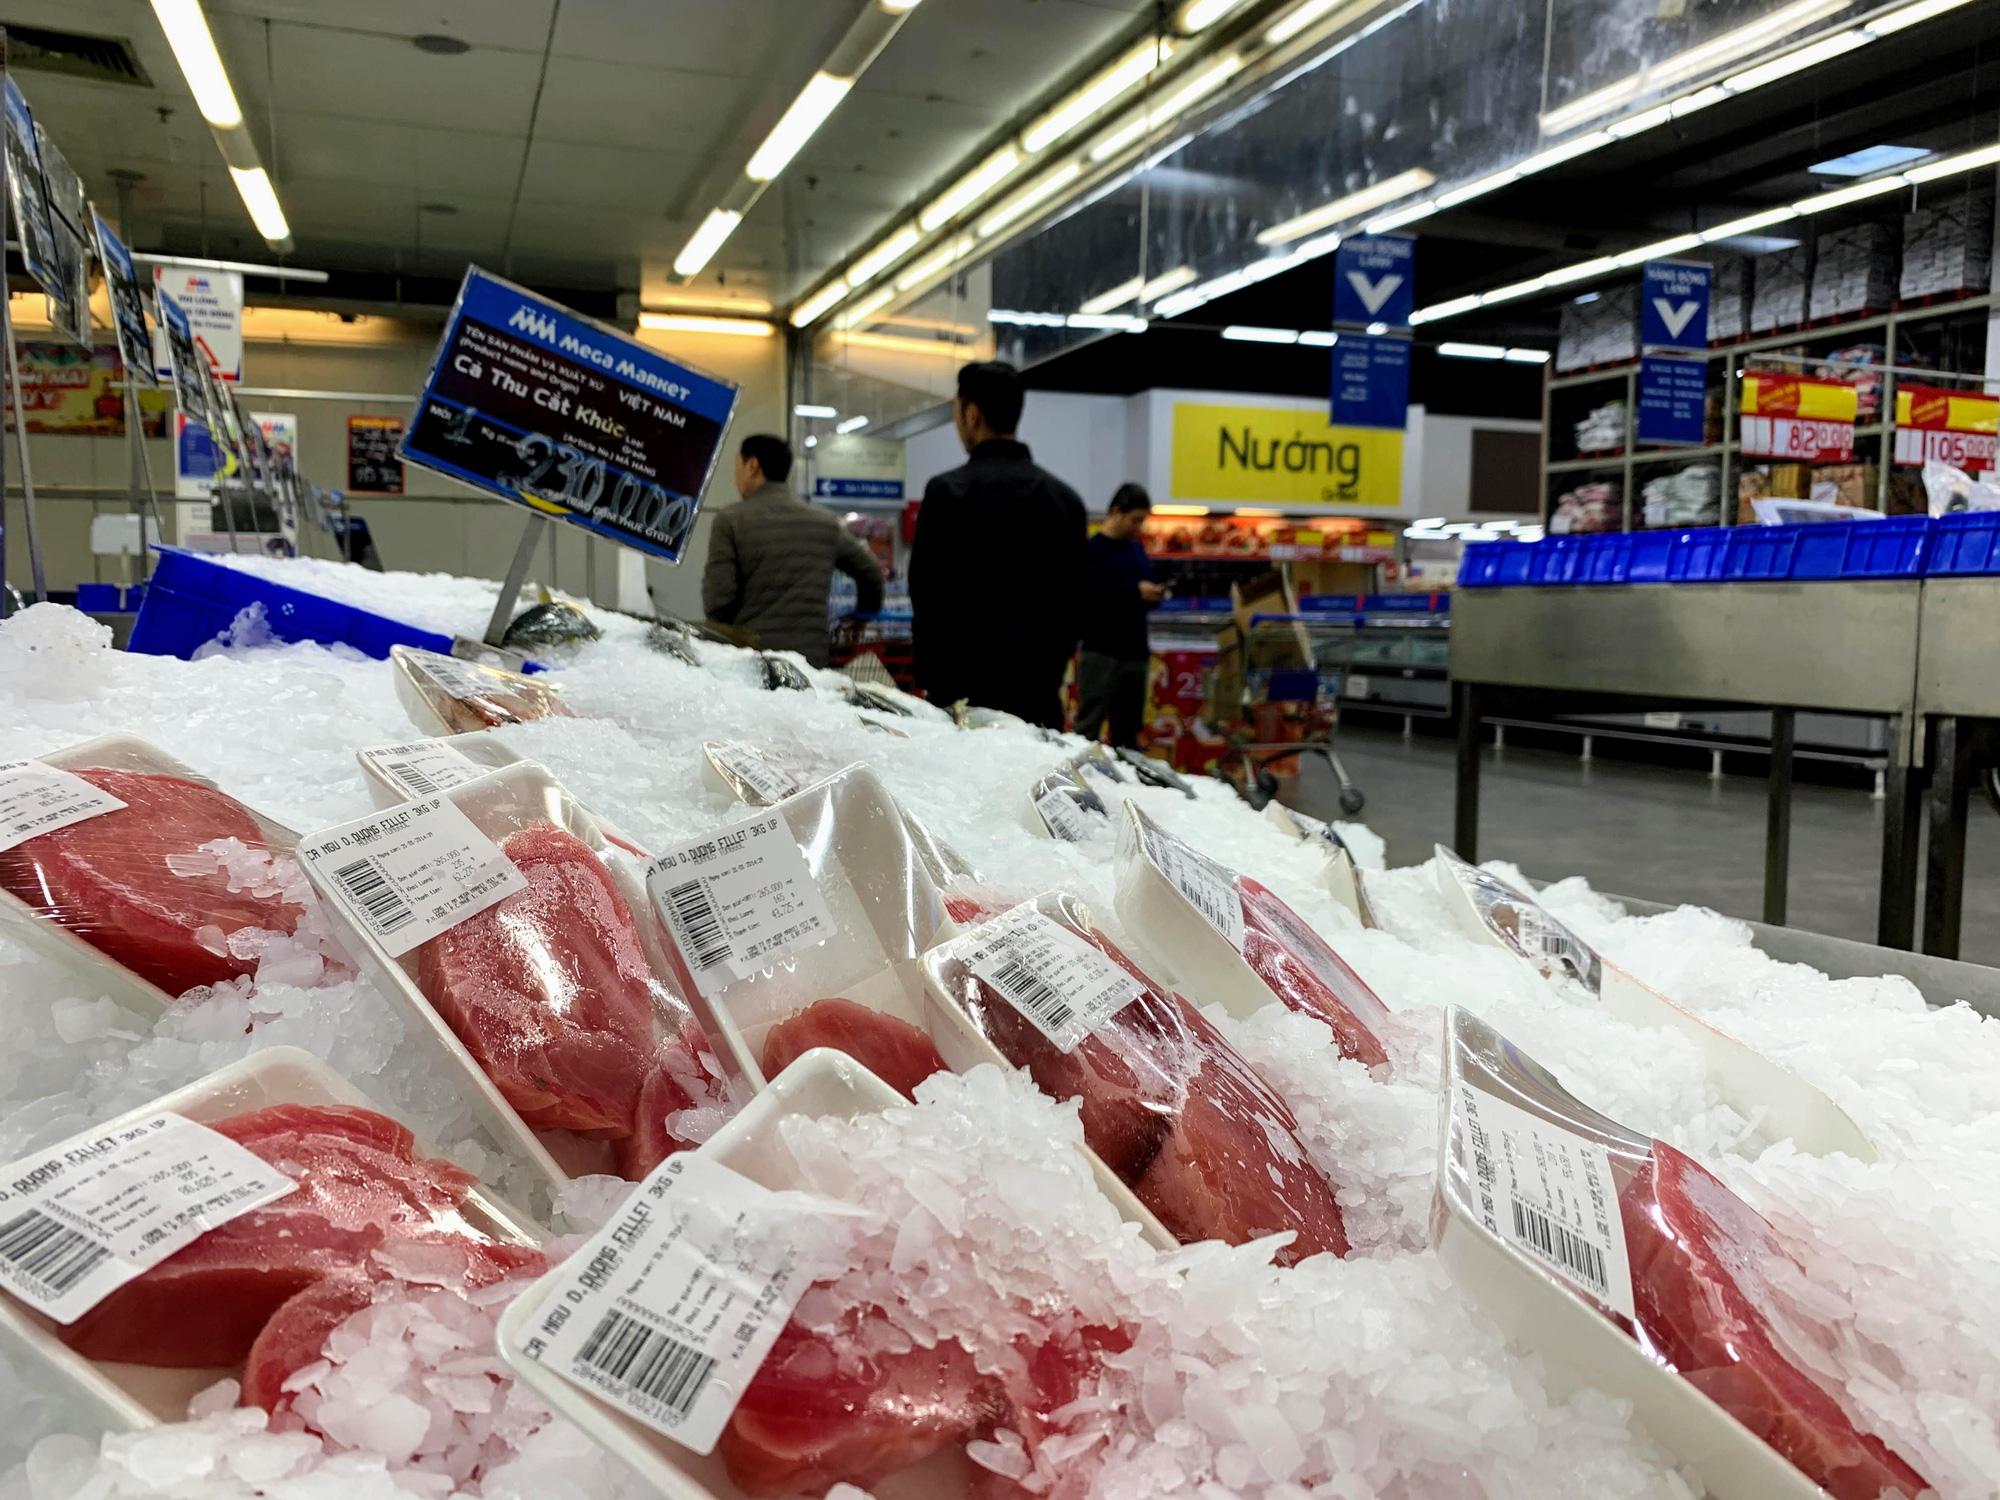 Hàng hoá trở lại đầy ắp trong siêu thị, người dân thảnh thơi mua sắm - Ảnh 10.